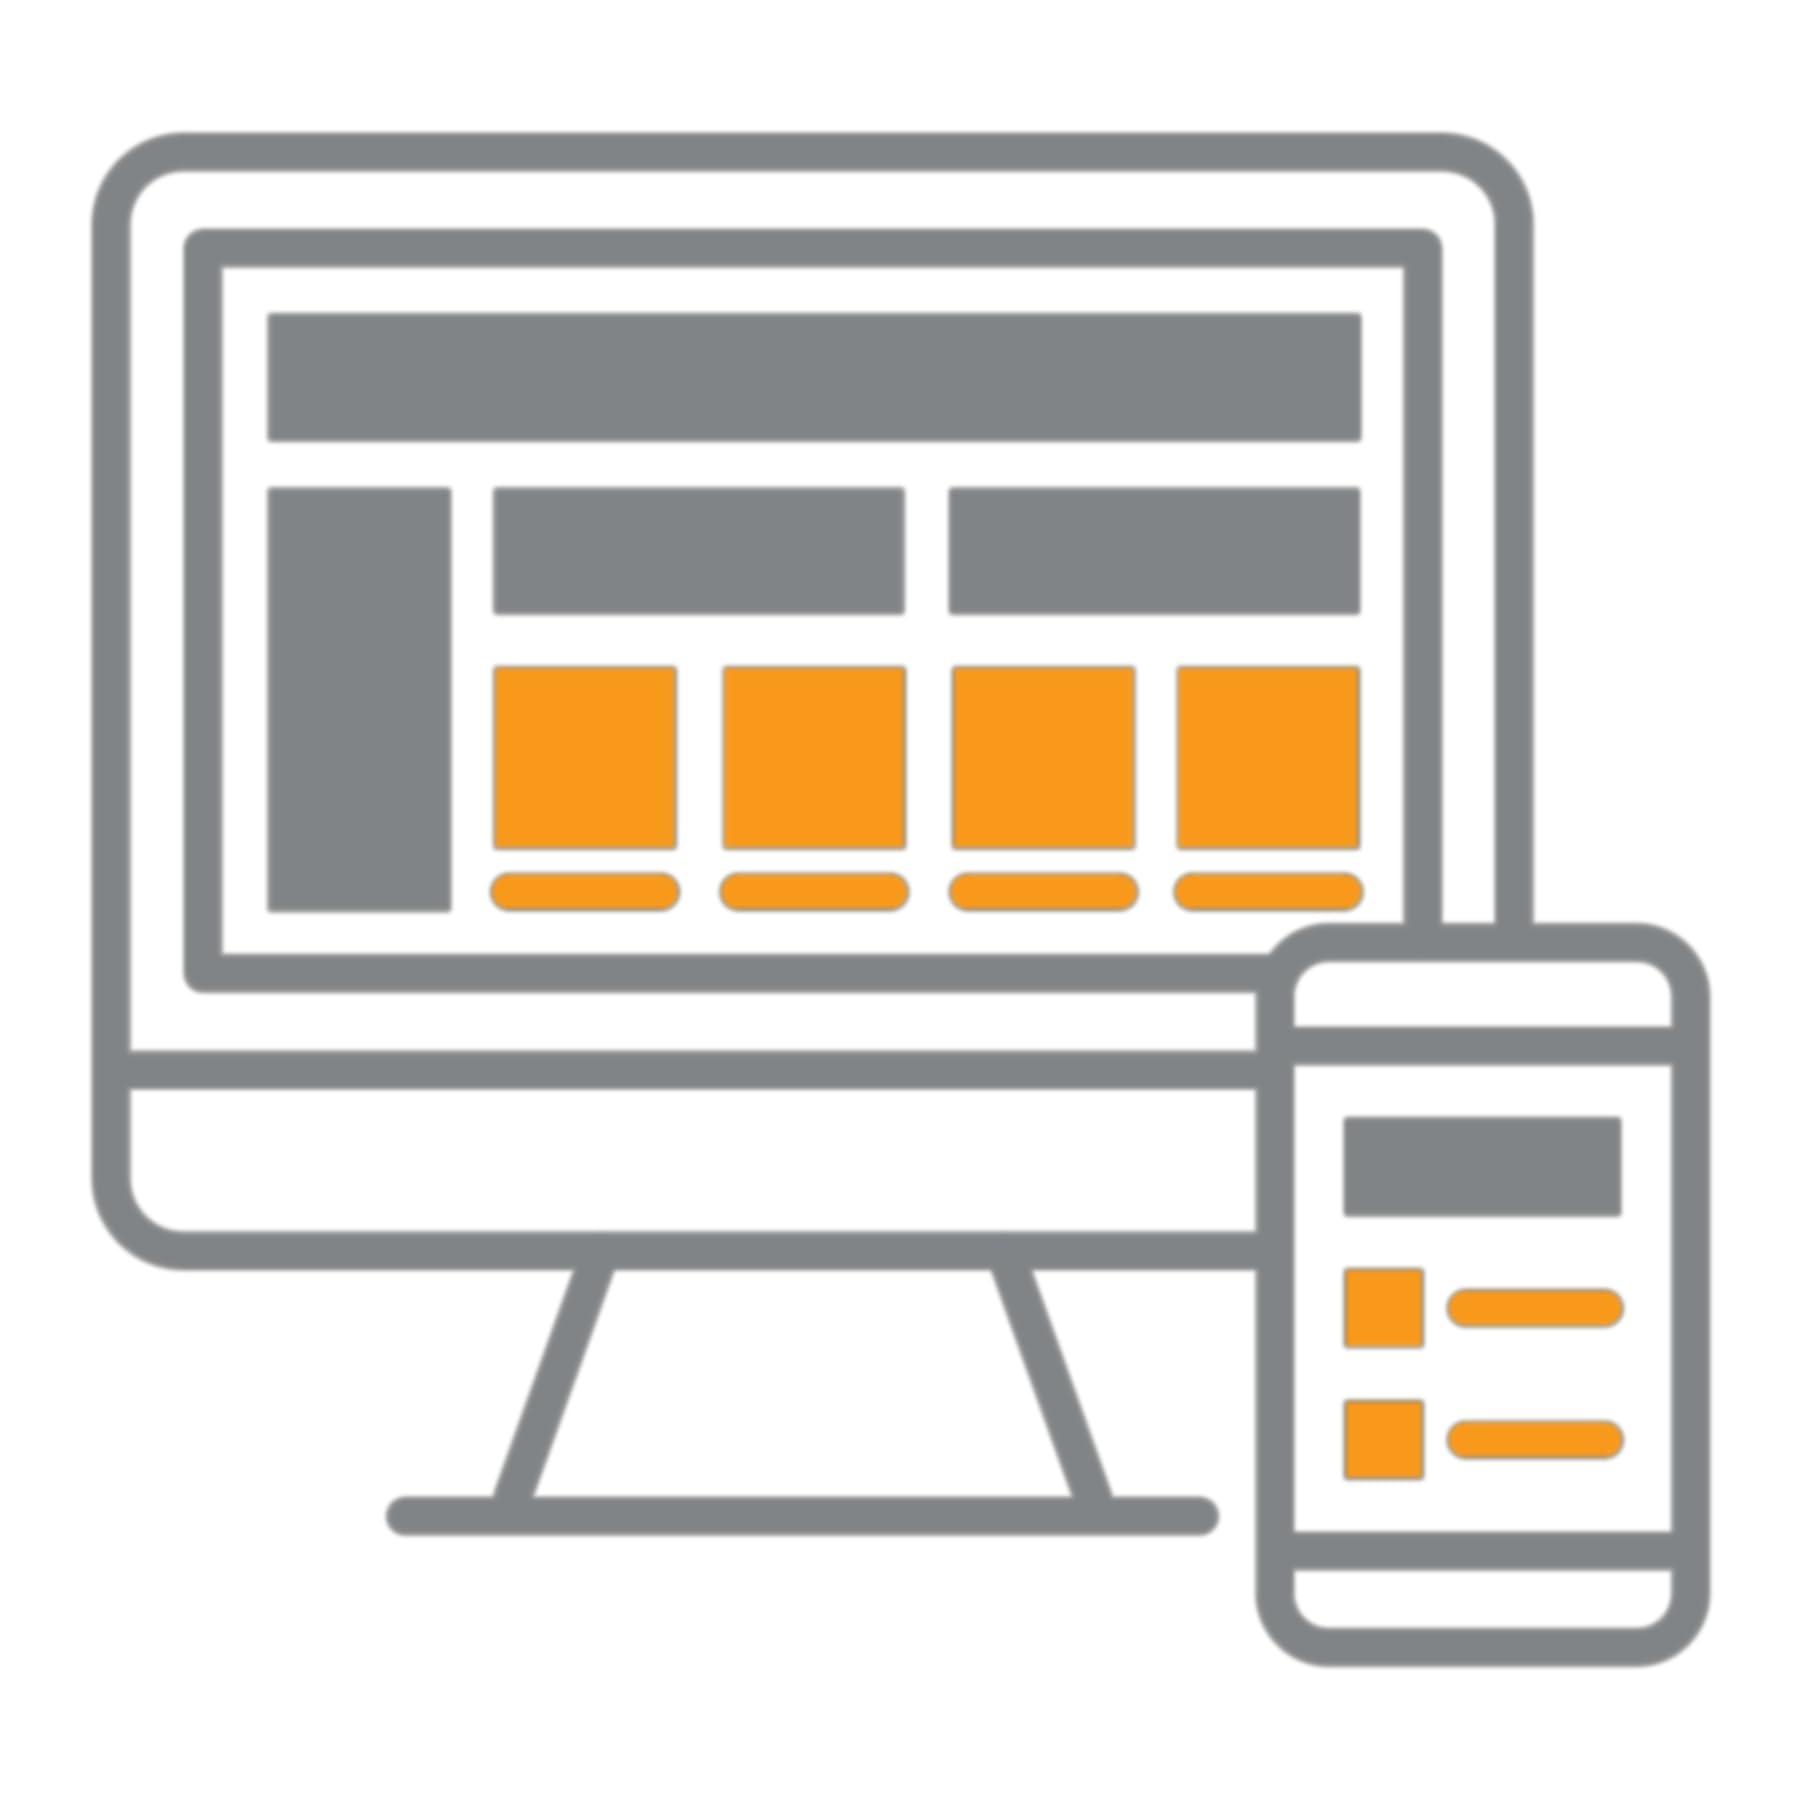 Emplacement publicitaire Sponsored Products sur ordinateur et appareil mobile